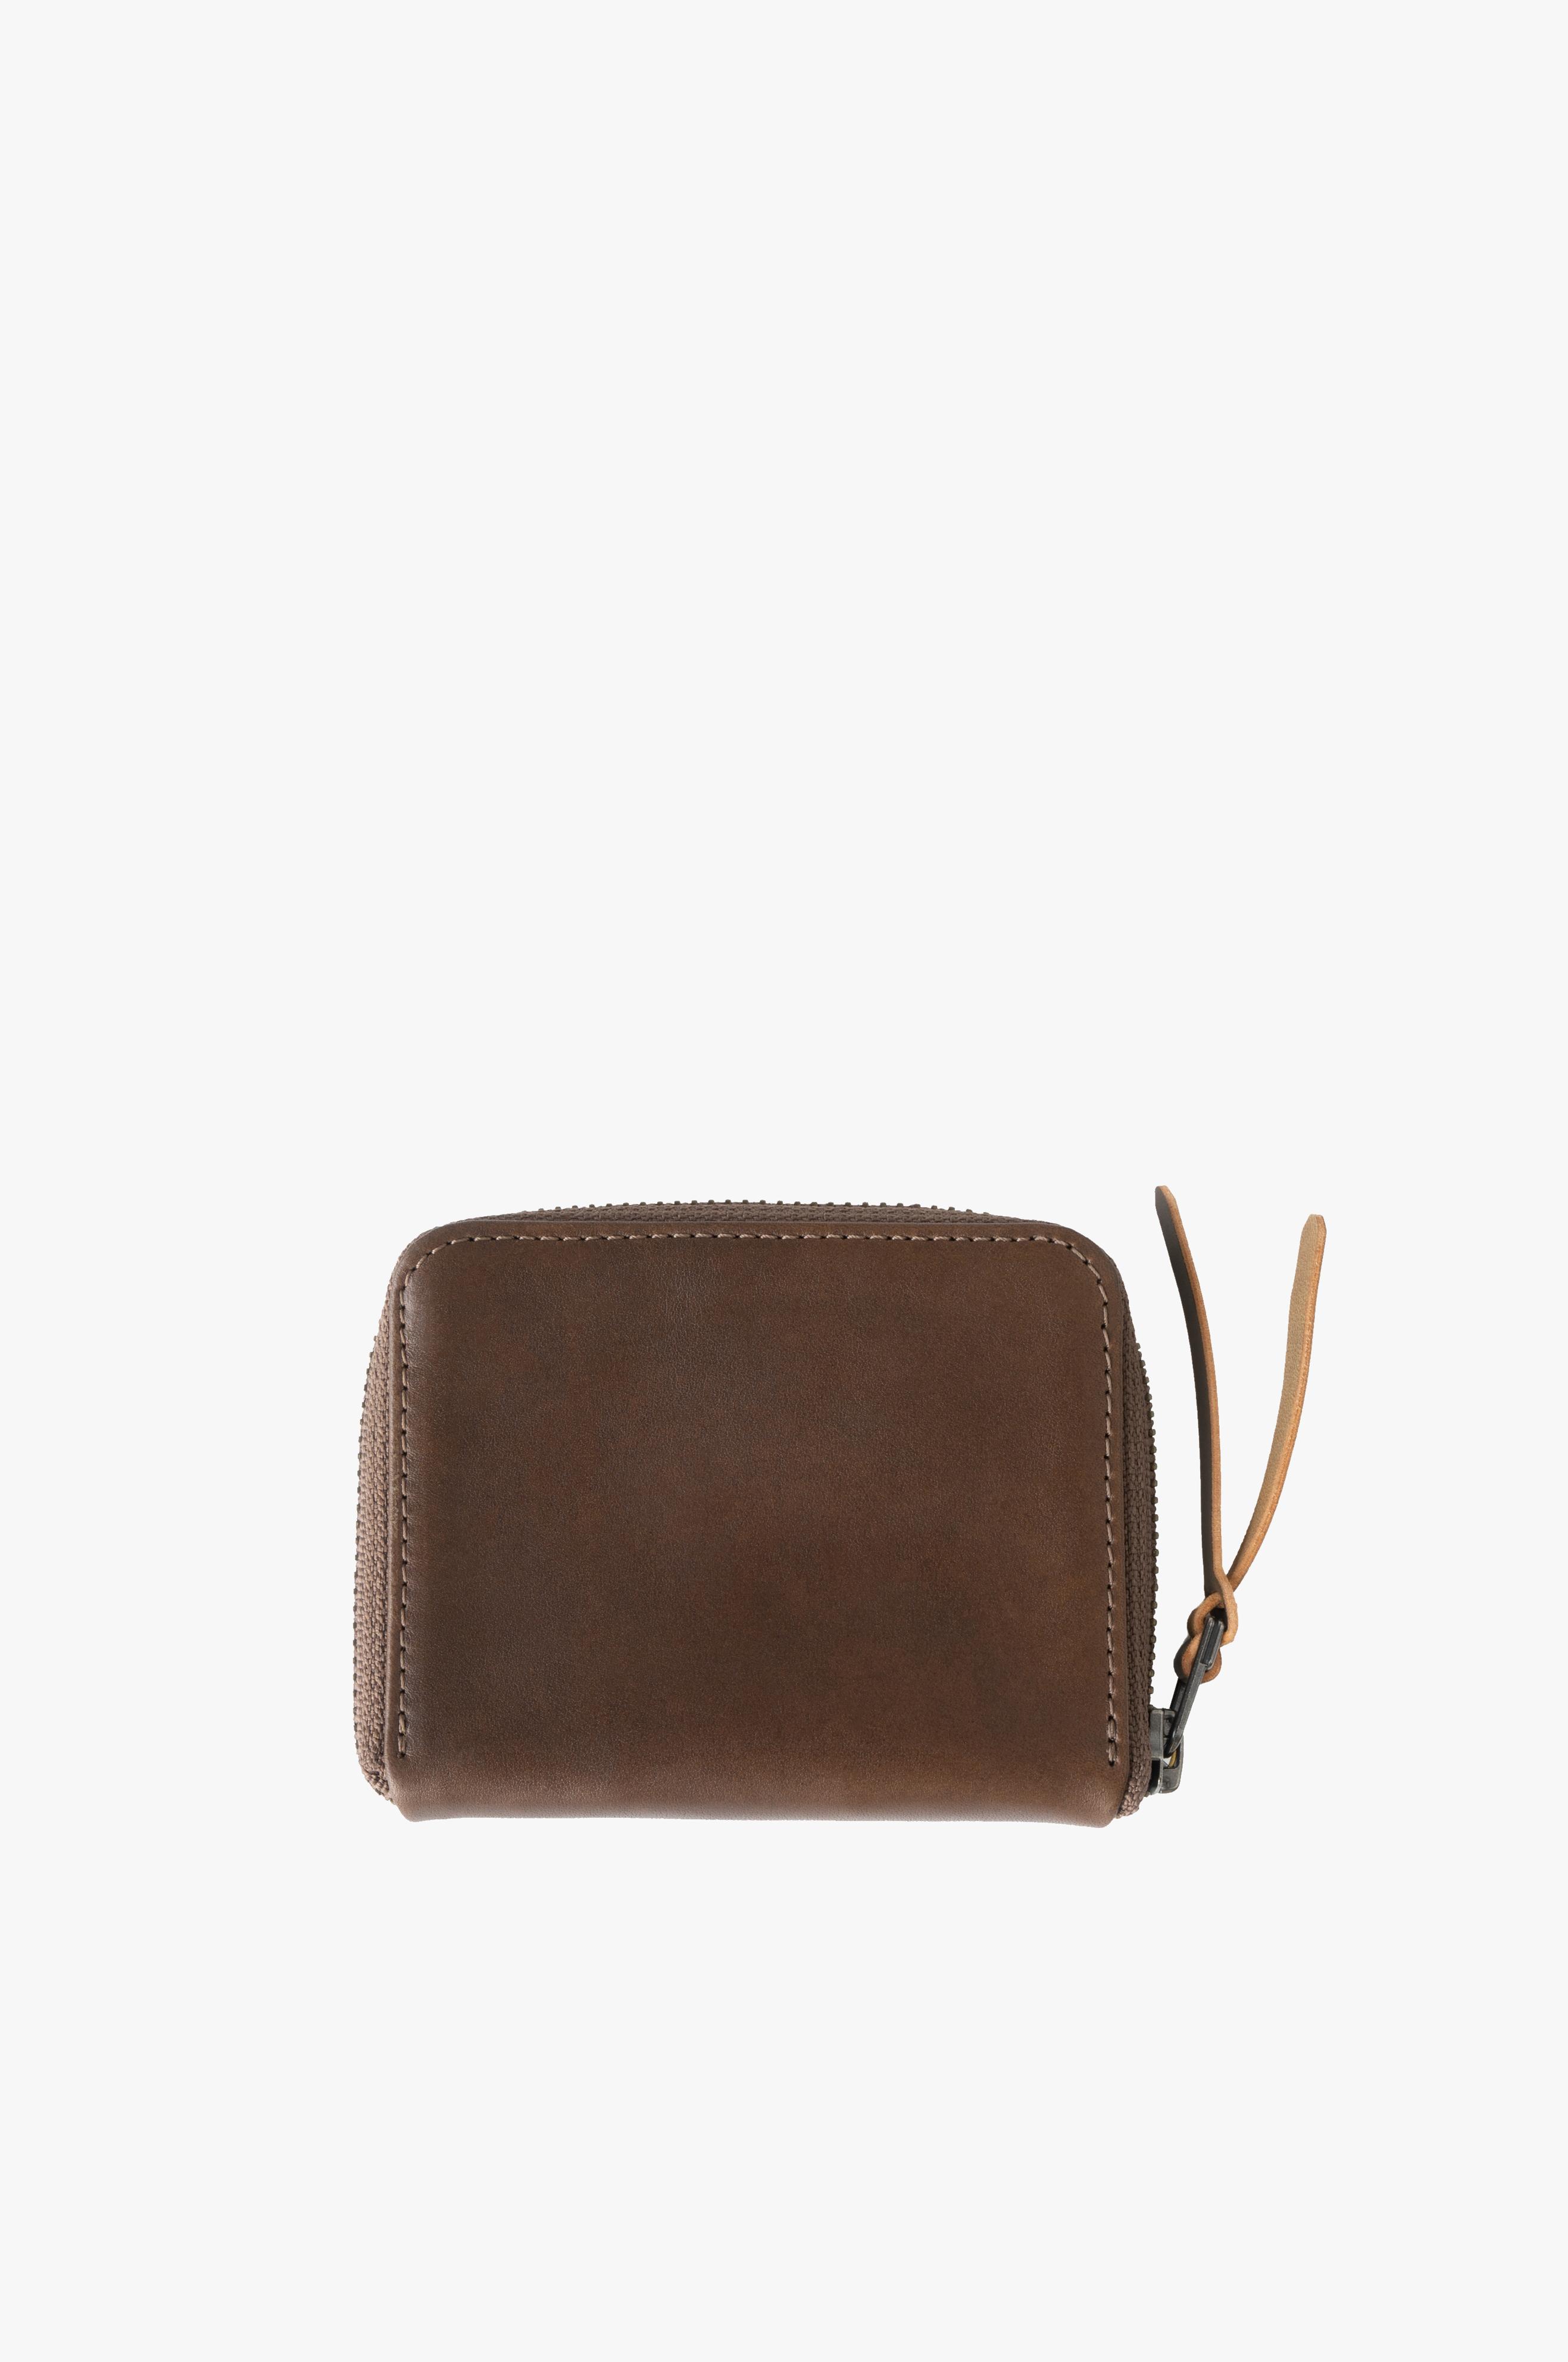 3/4 Zip Wallet Horween® Brown Latigo Leather